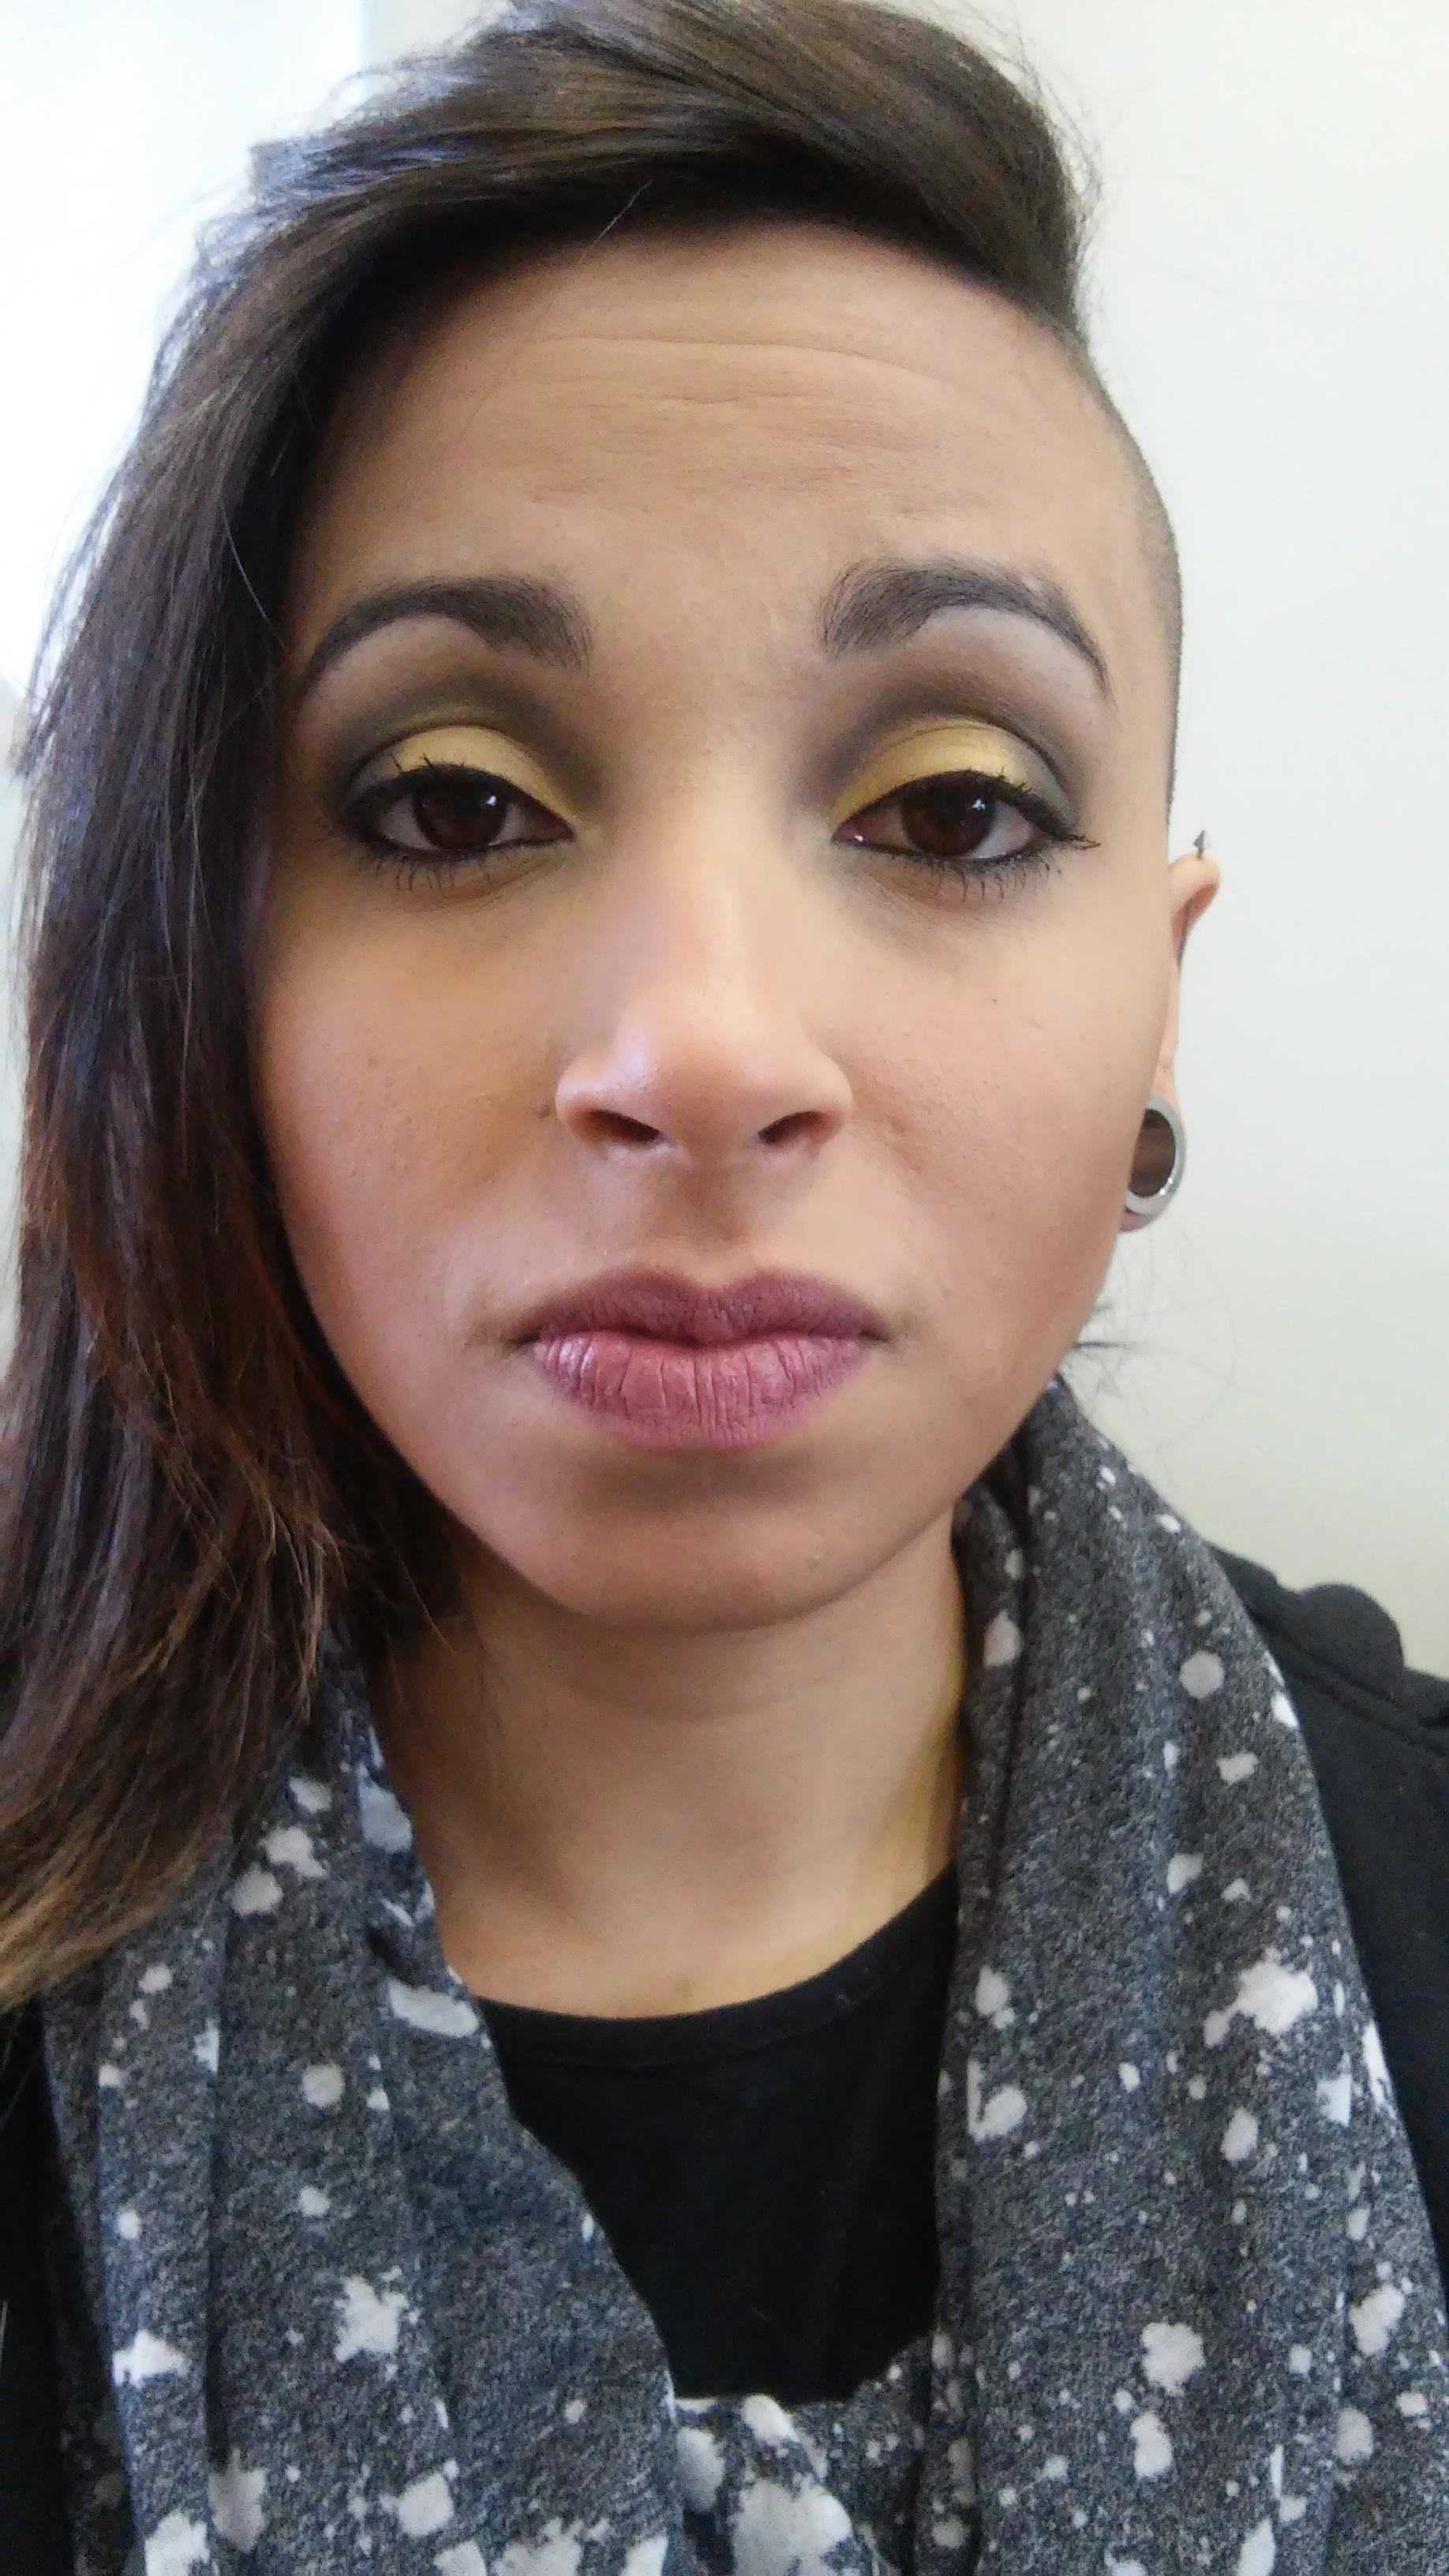 Maquiagem monocomática Esta maquiagem foi desenvolvida inspirada nas cores monocromáticas. Foi usado o tom de amarelo nos olhos com um esfumado marrom e na boca um batom nude para realçar mais o olhar. nude, esfumado, dia-a-dia, trabalho, rock maquiagem  esteticista maquiador(a)